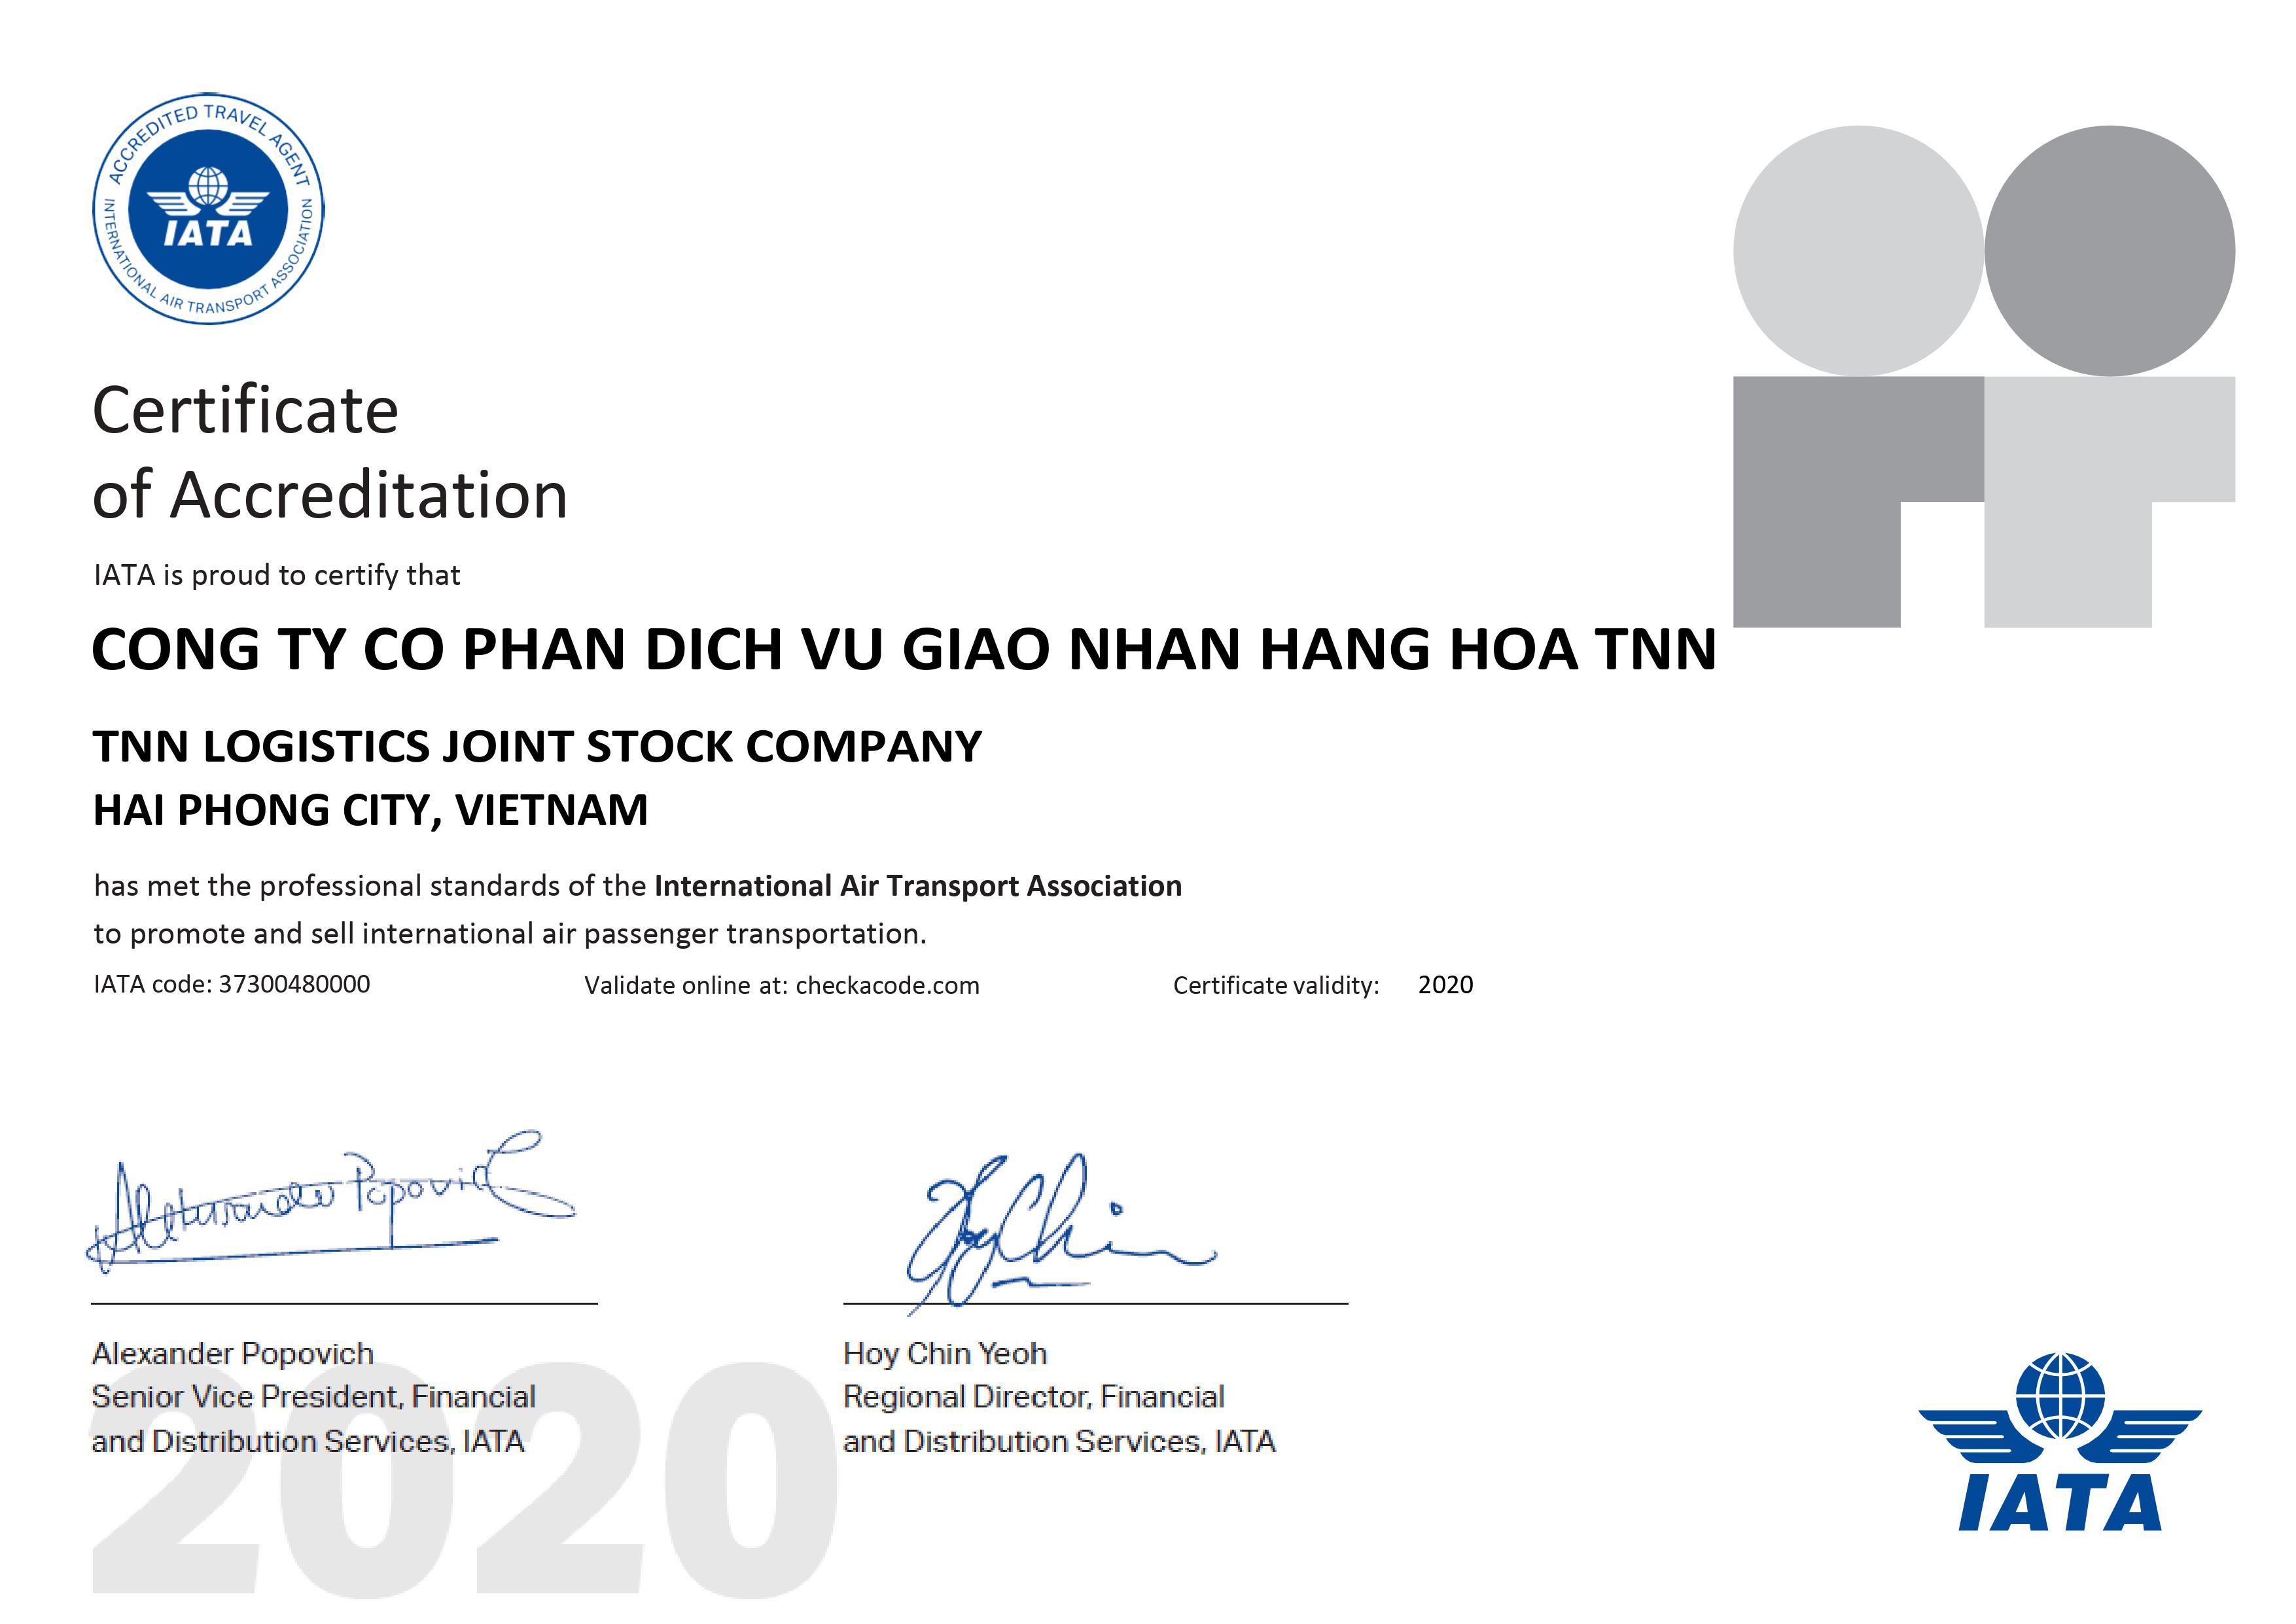 13/05/2020 – TNN Logistics trở thành đại lý chính thức của IATA